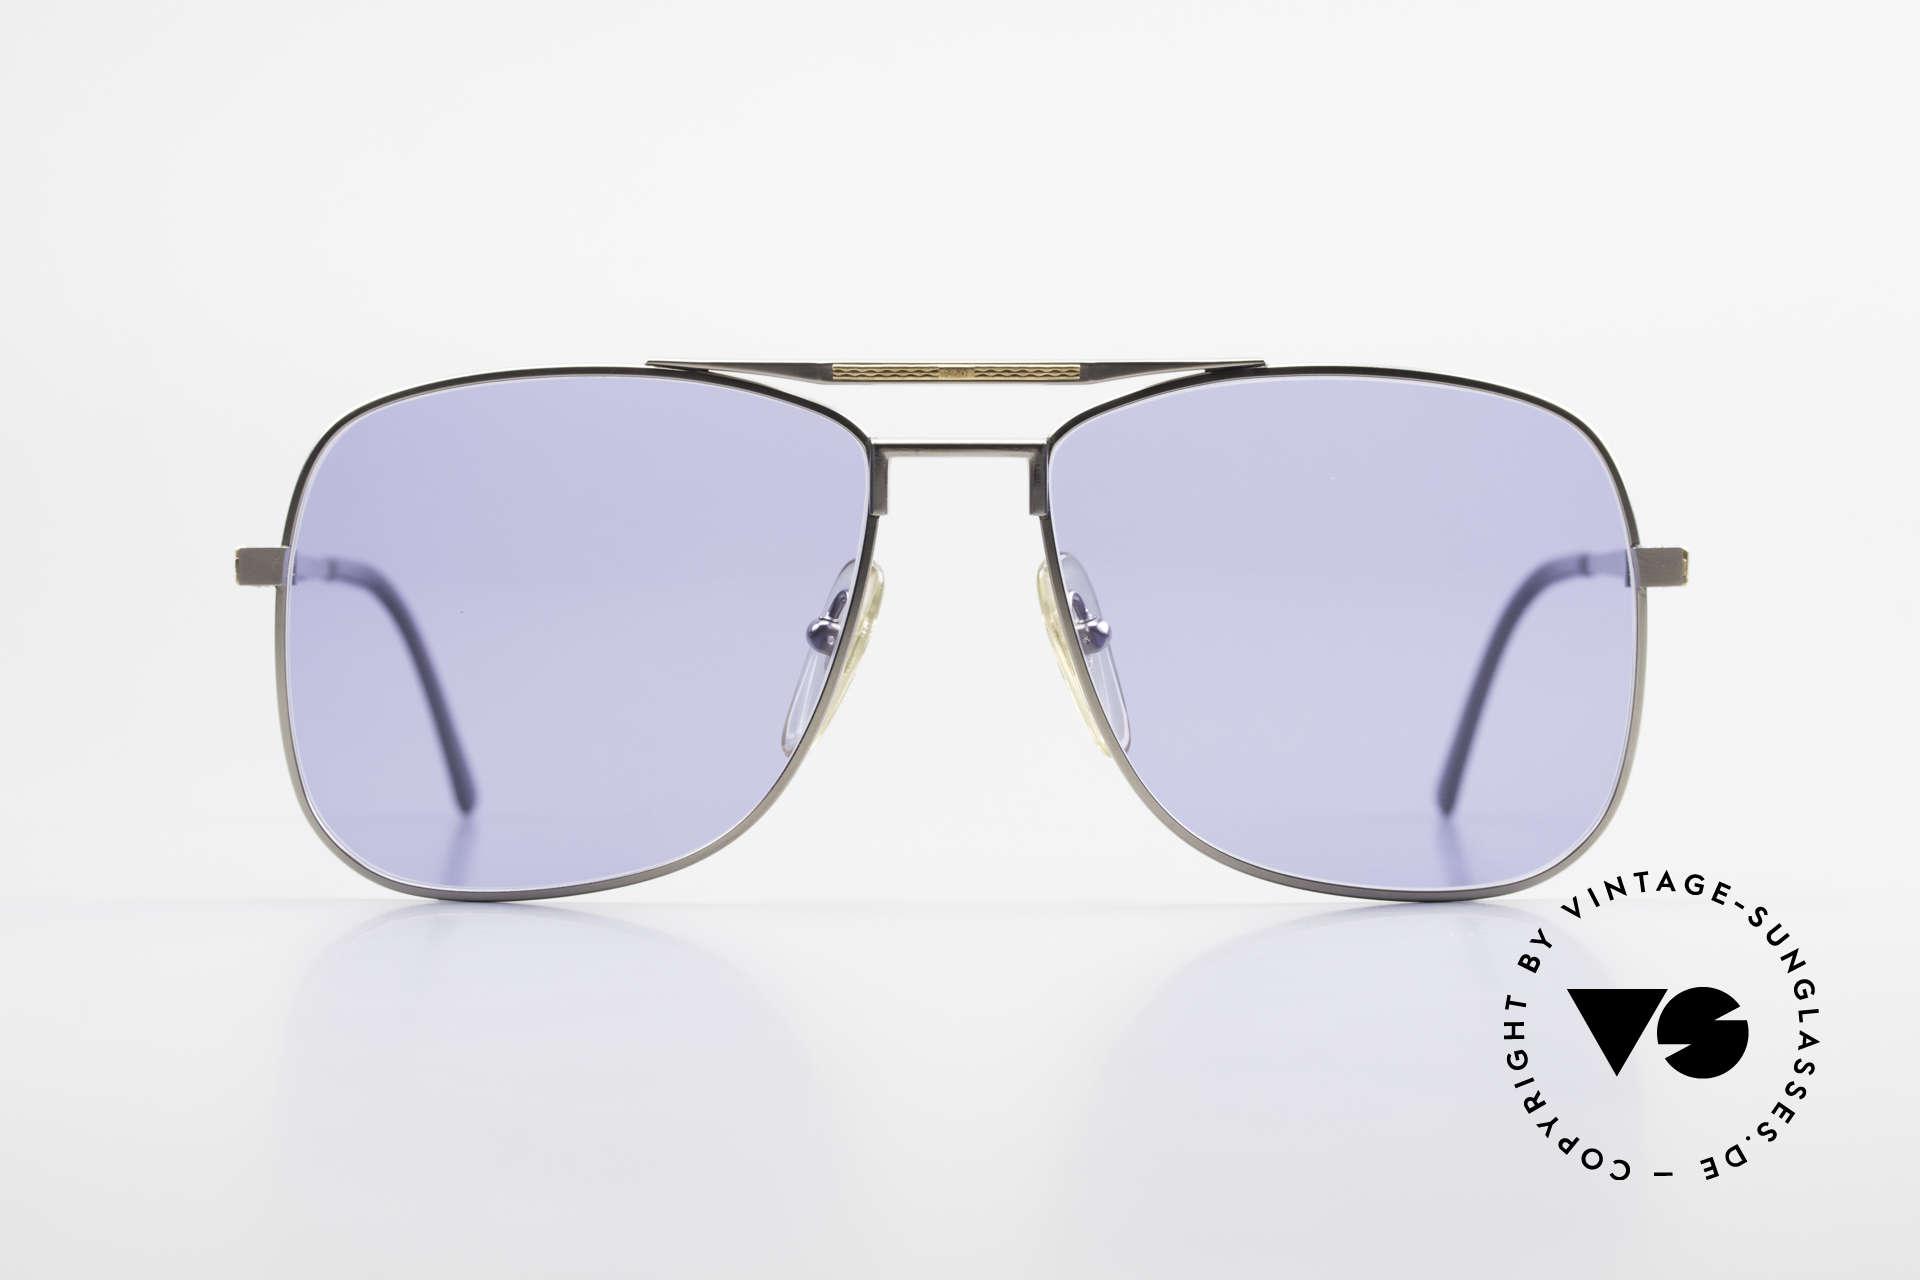 Dunhill 6038 18kt Gold Titanium 80er Brille, edler & hochwertiger geht's nicht - muss man fühlen!, Passend für Herren